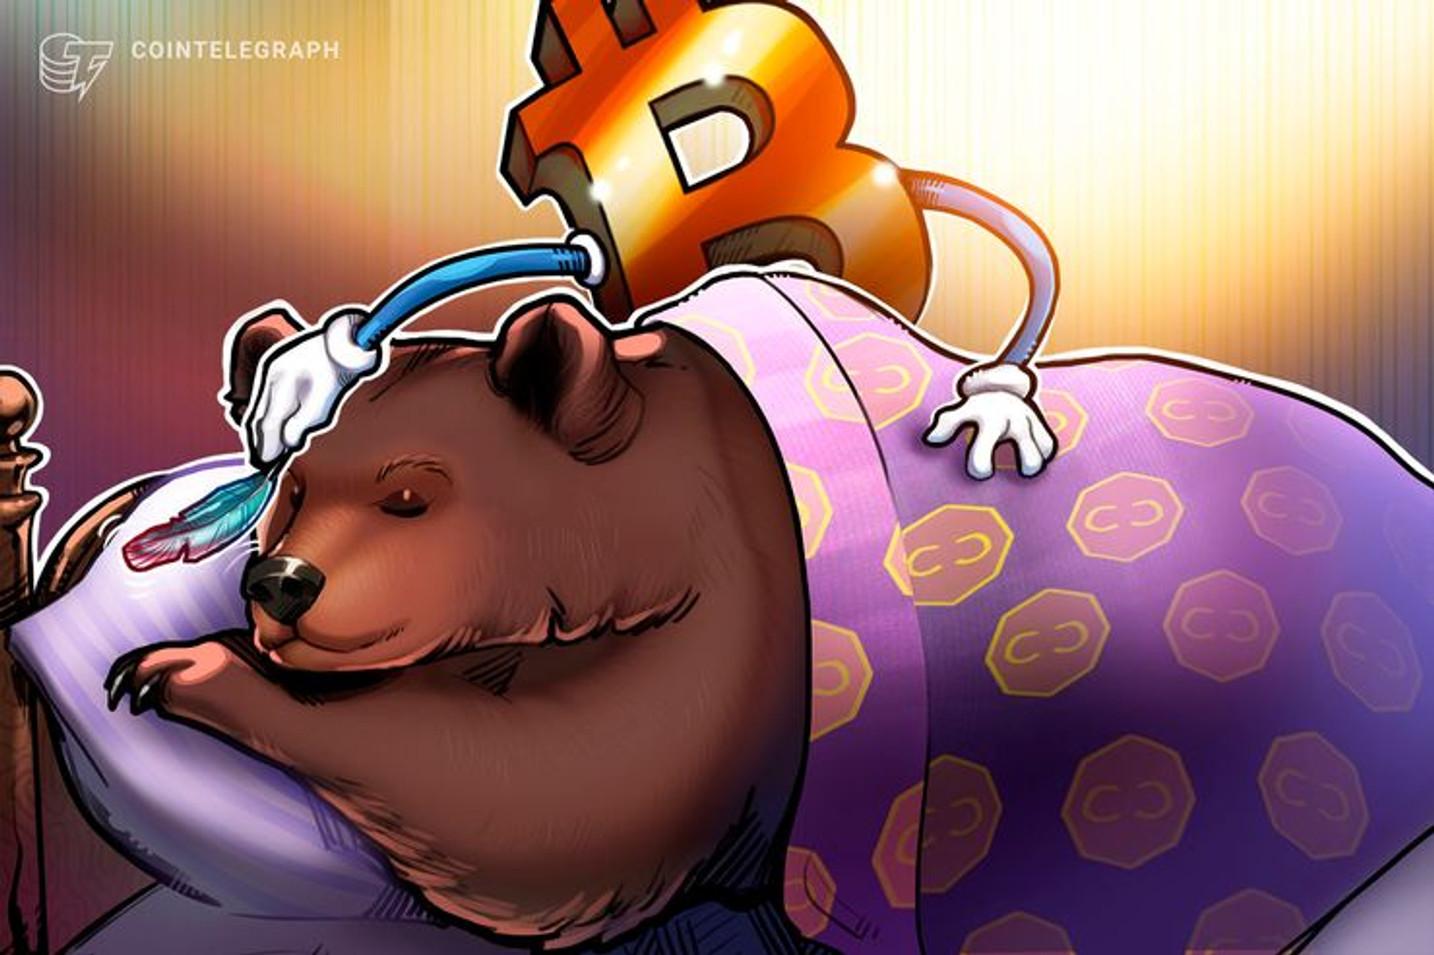 仮想通貨相場、先週末のショックから立ち直る ビットコインは再び8000ドル回復、イーサリアム・リップル(XRP)も約10%上昇